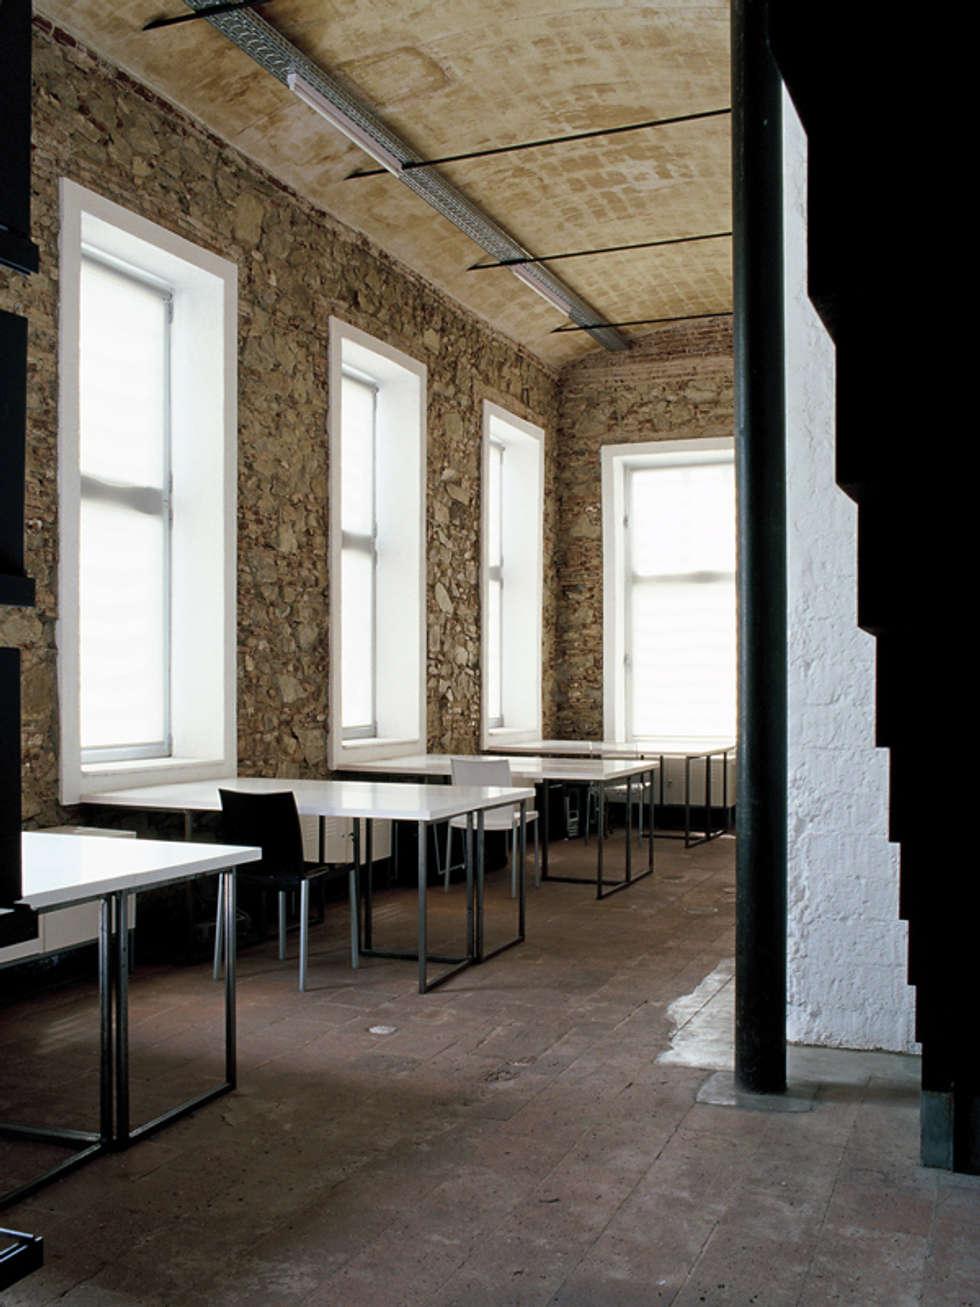 Fotos de decoraci n y dise o de interiores homify - Despacho arquitectura barcelona ...